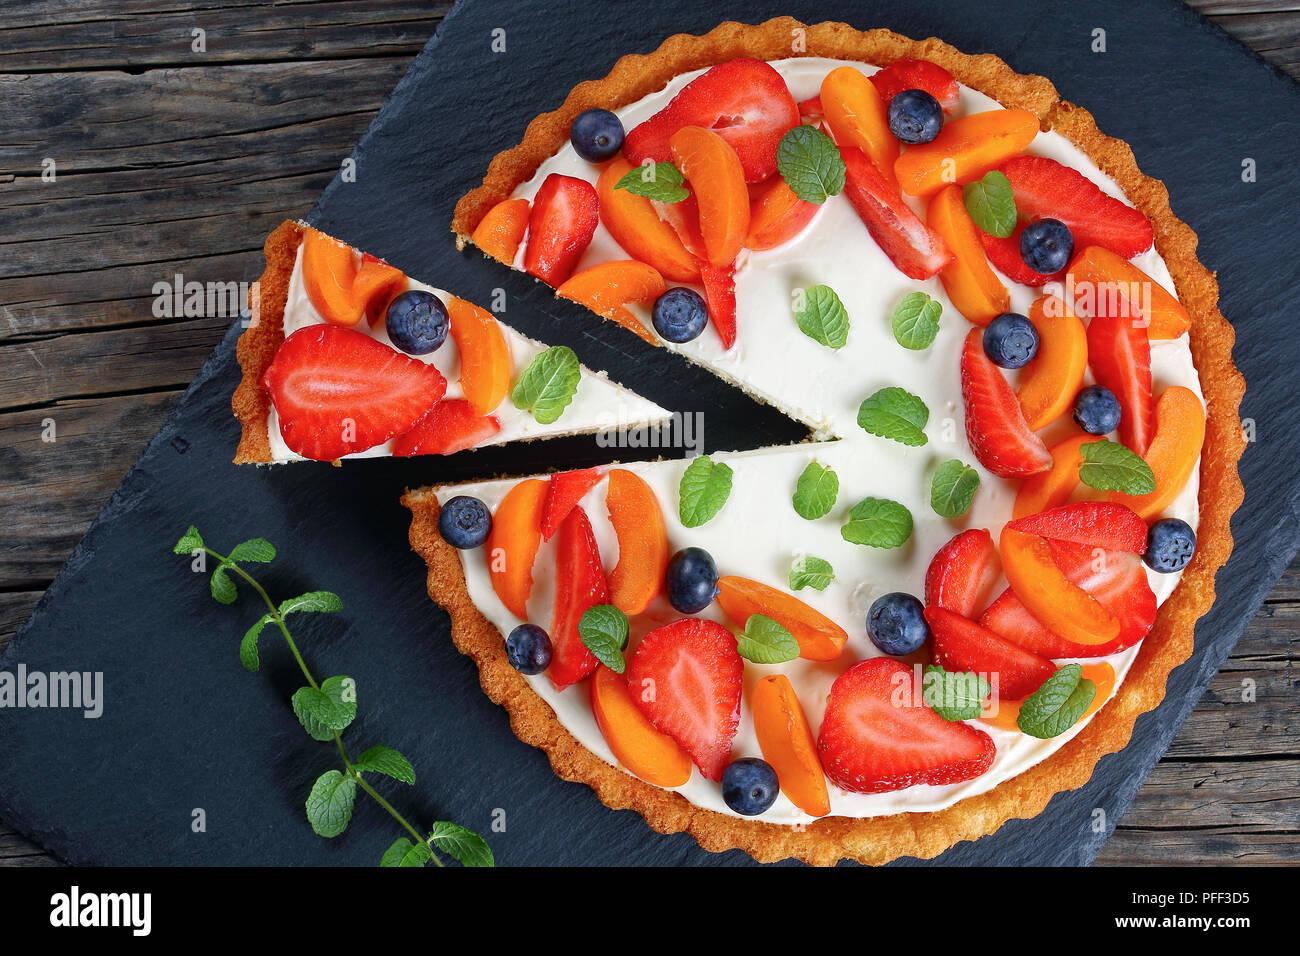 Torte D Stock Photos Torte D Stock Images Alamy